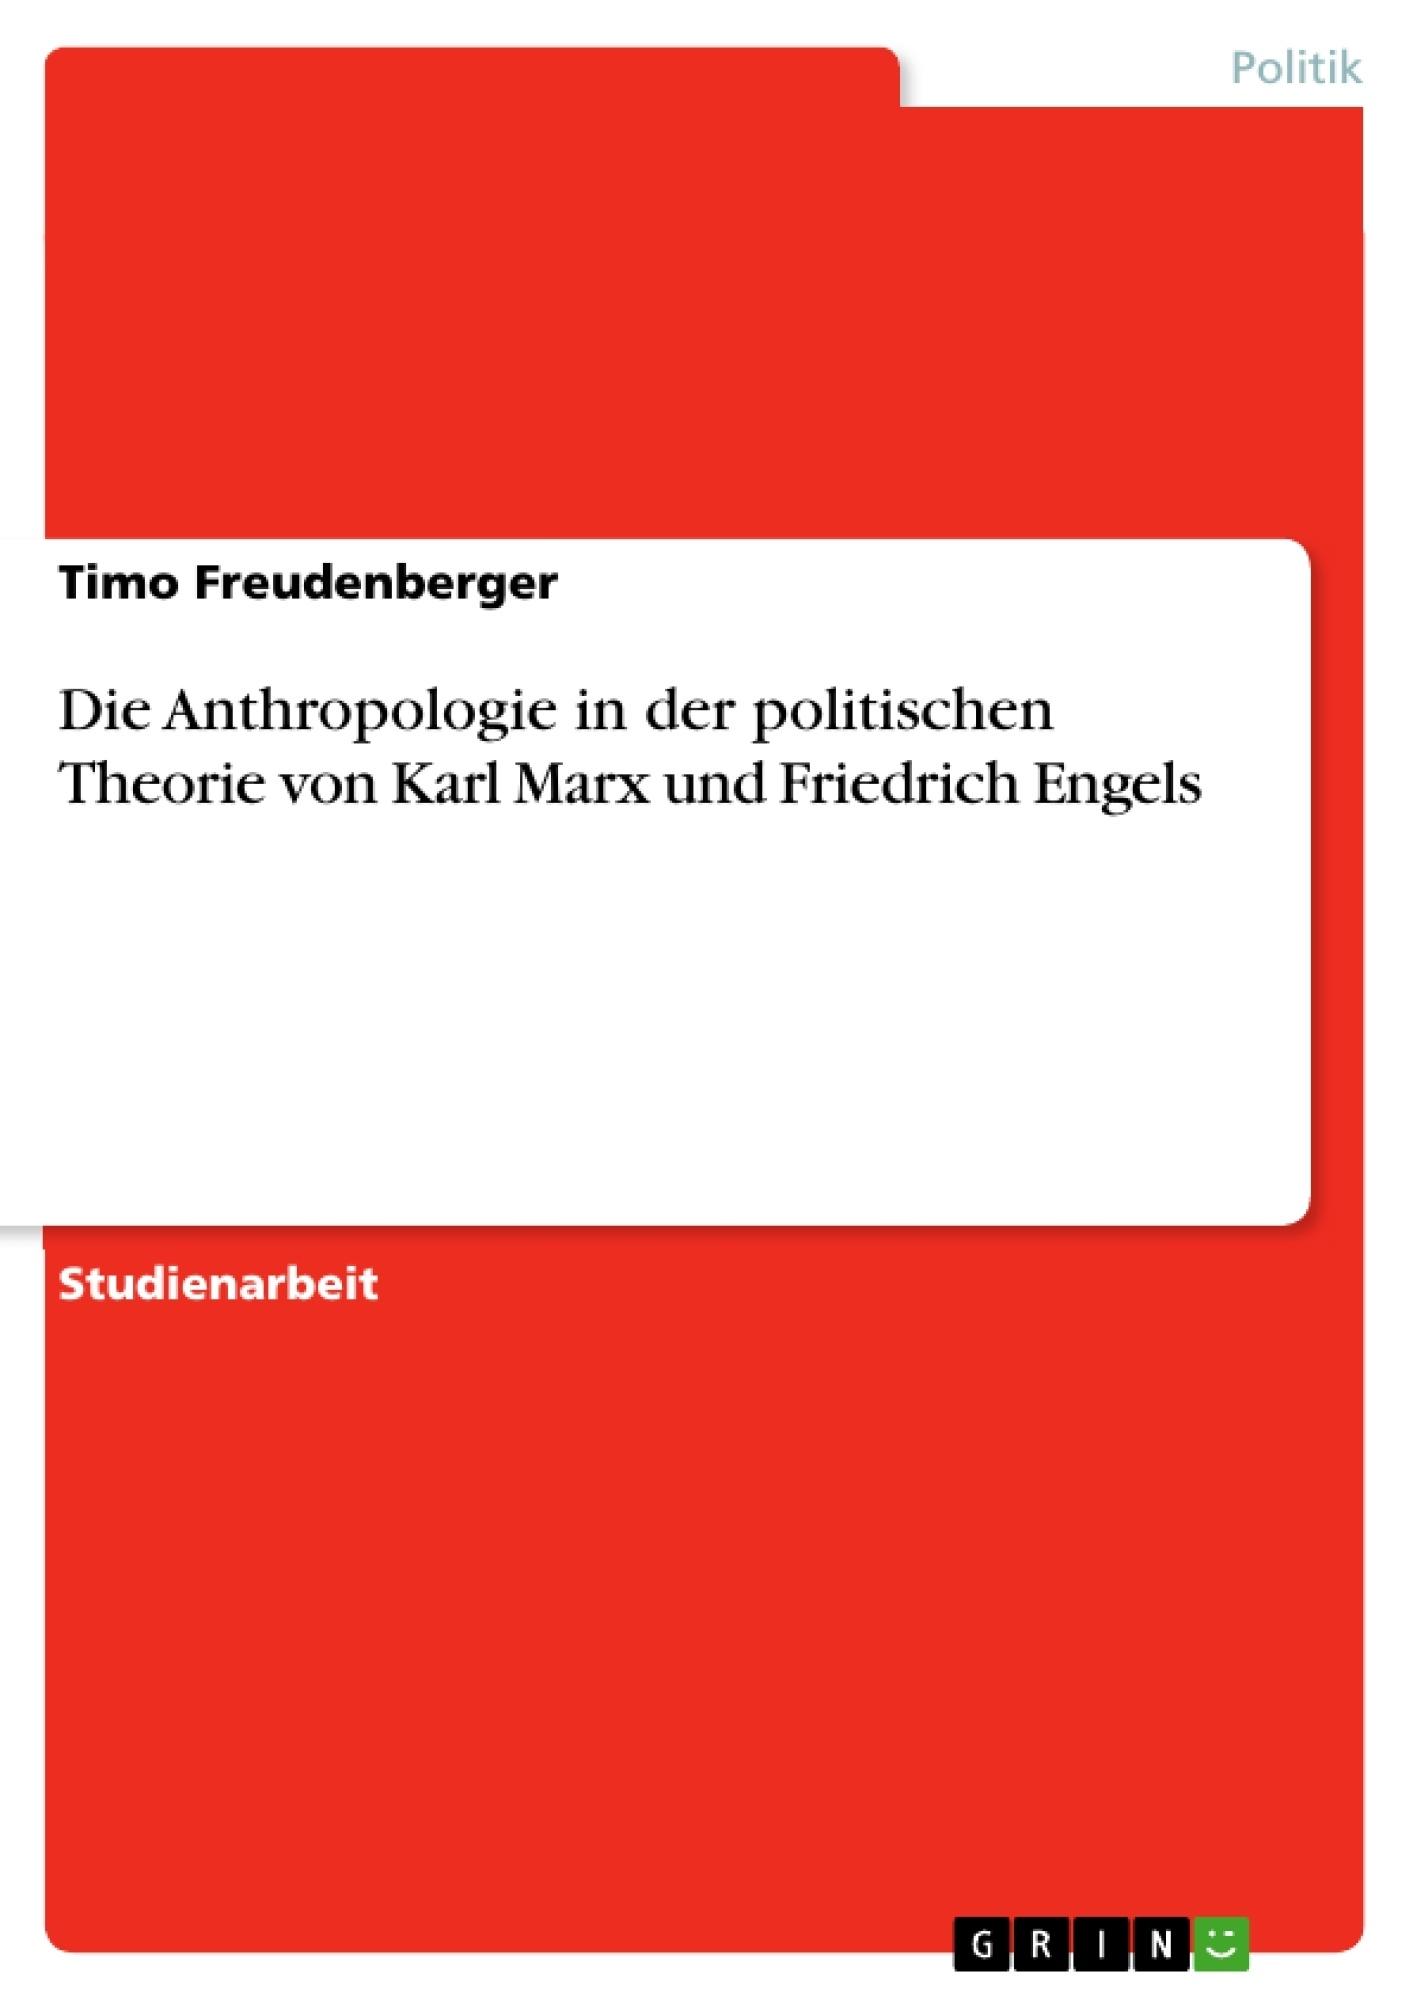 Titel: Die Anthropologie in der politischen Theorie von Karl Marx und Friedrich Engels